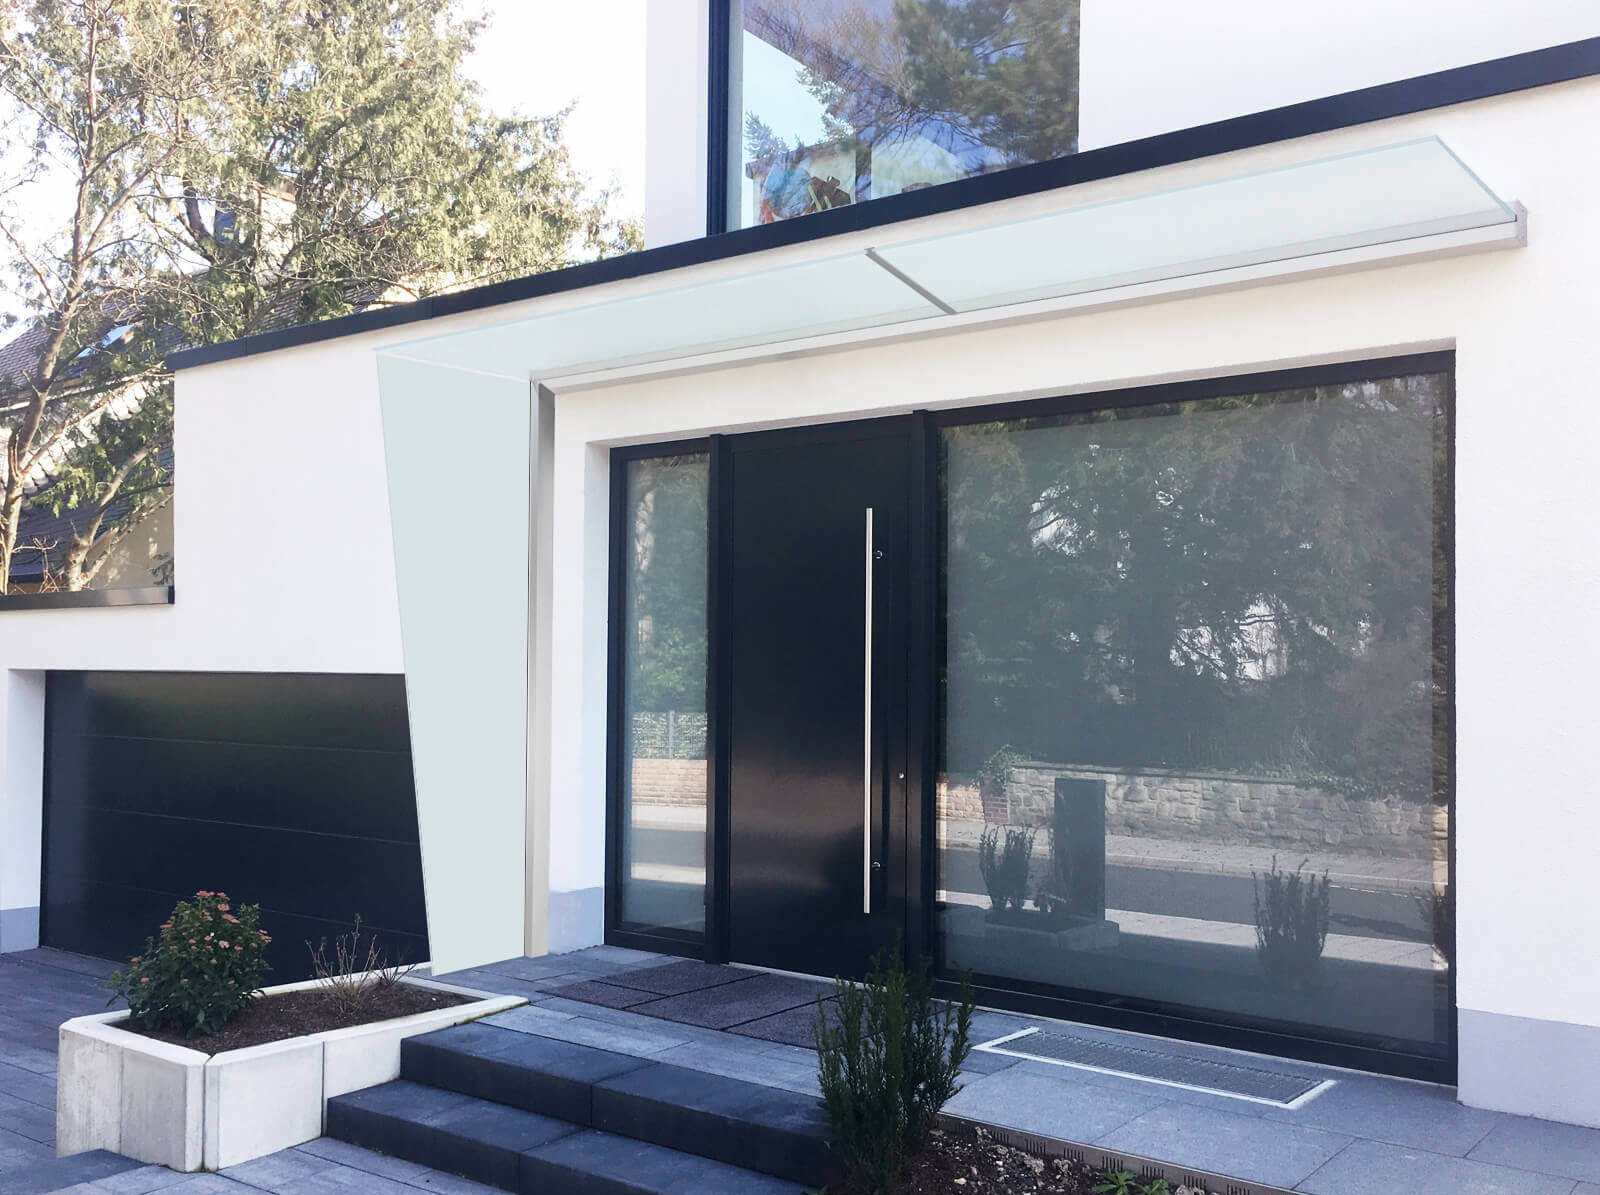 Breites Vordach mit Seitenteil